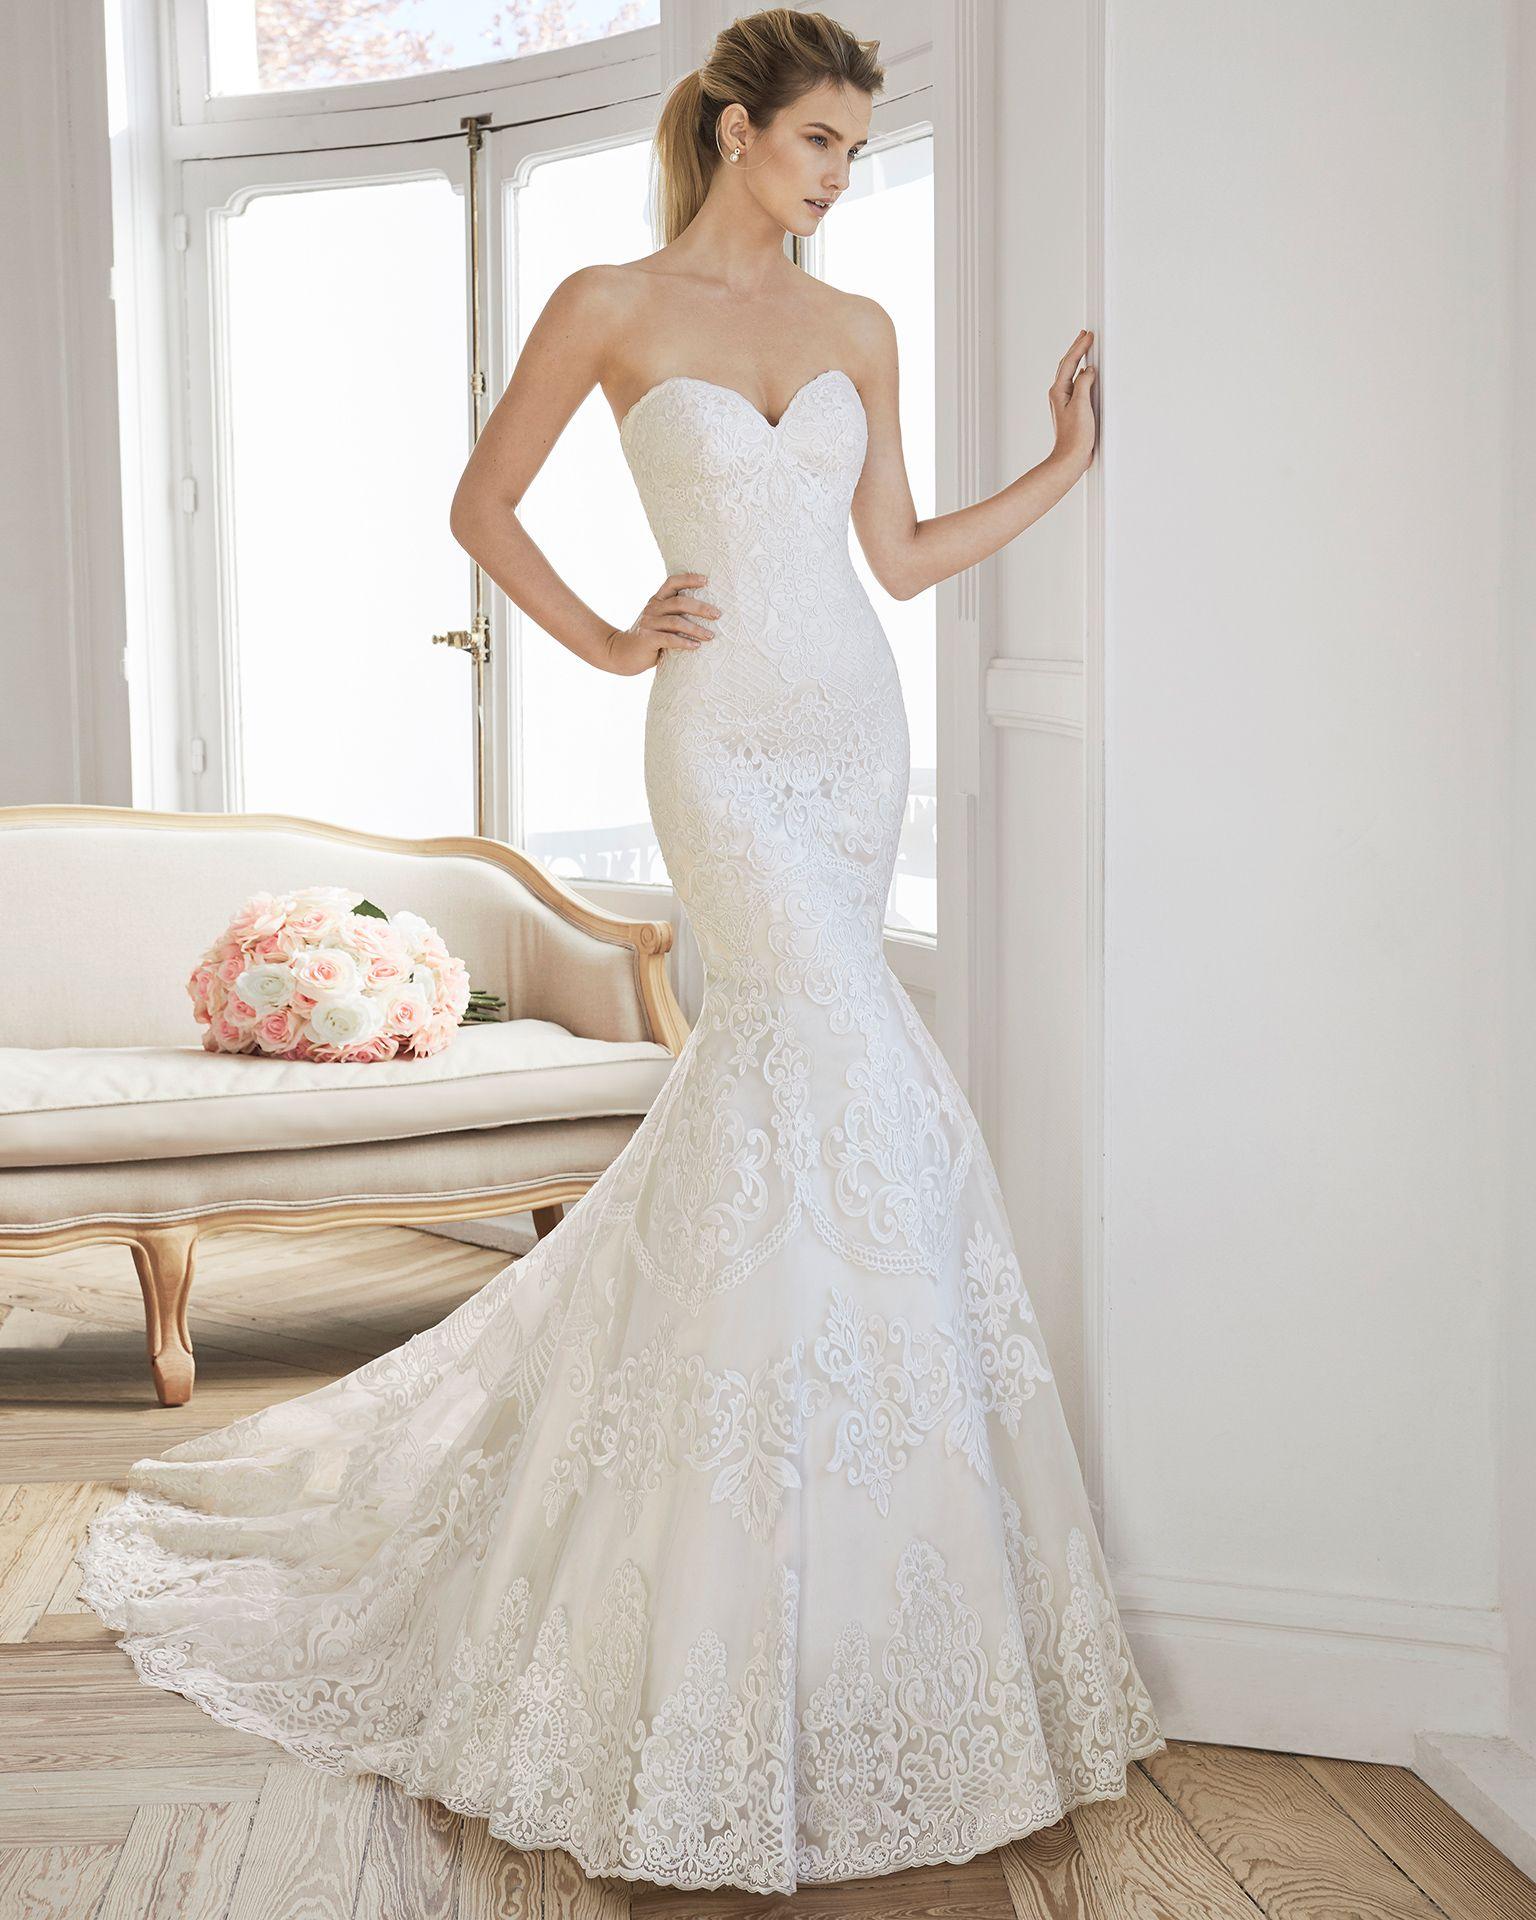 36e52e6218 Vestido de novia corta sirena de encaje. Escote palabra de honor y espalda  en V. Disponible en colores marfil y natural champagne.